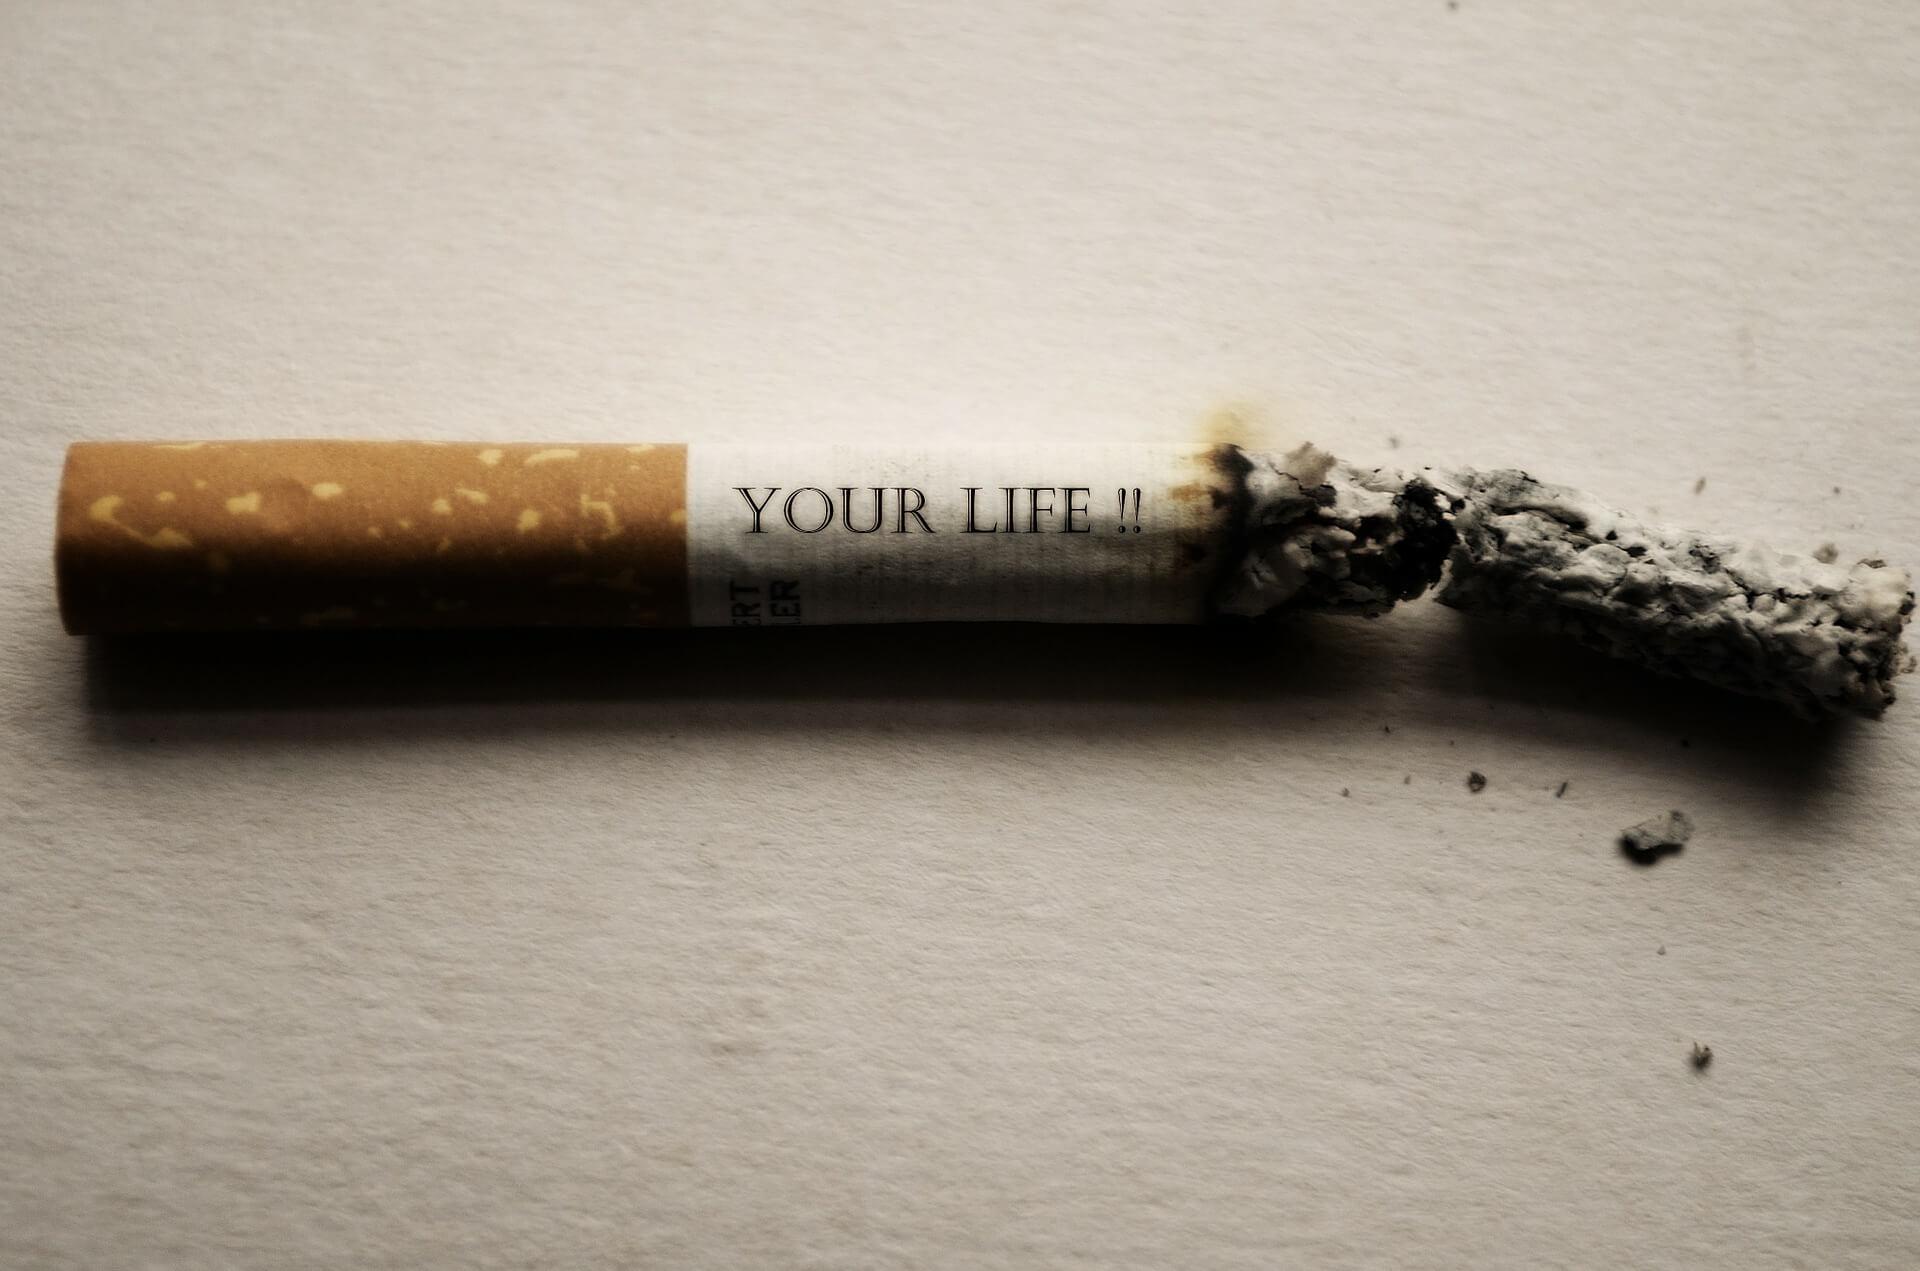 Rauchen aufhören   (Gewohnheiten ändern)